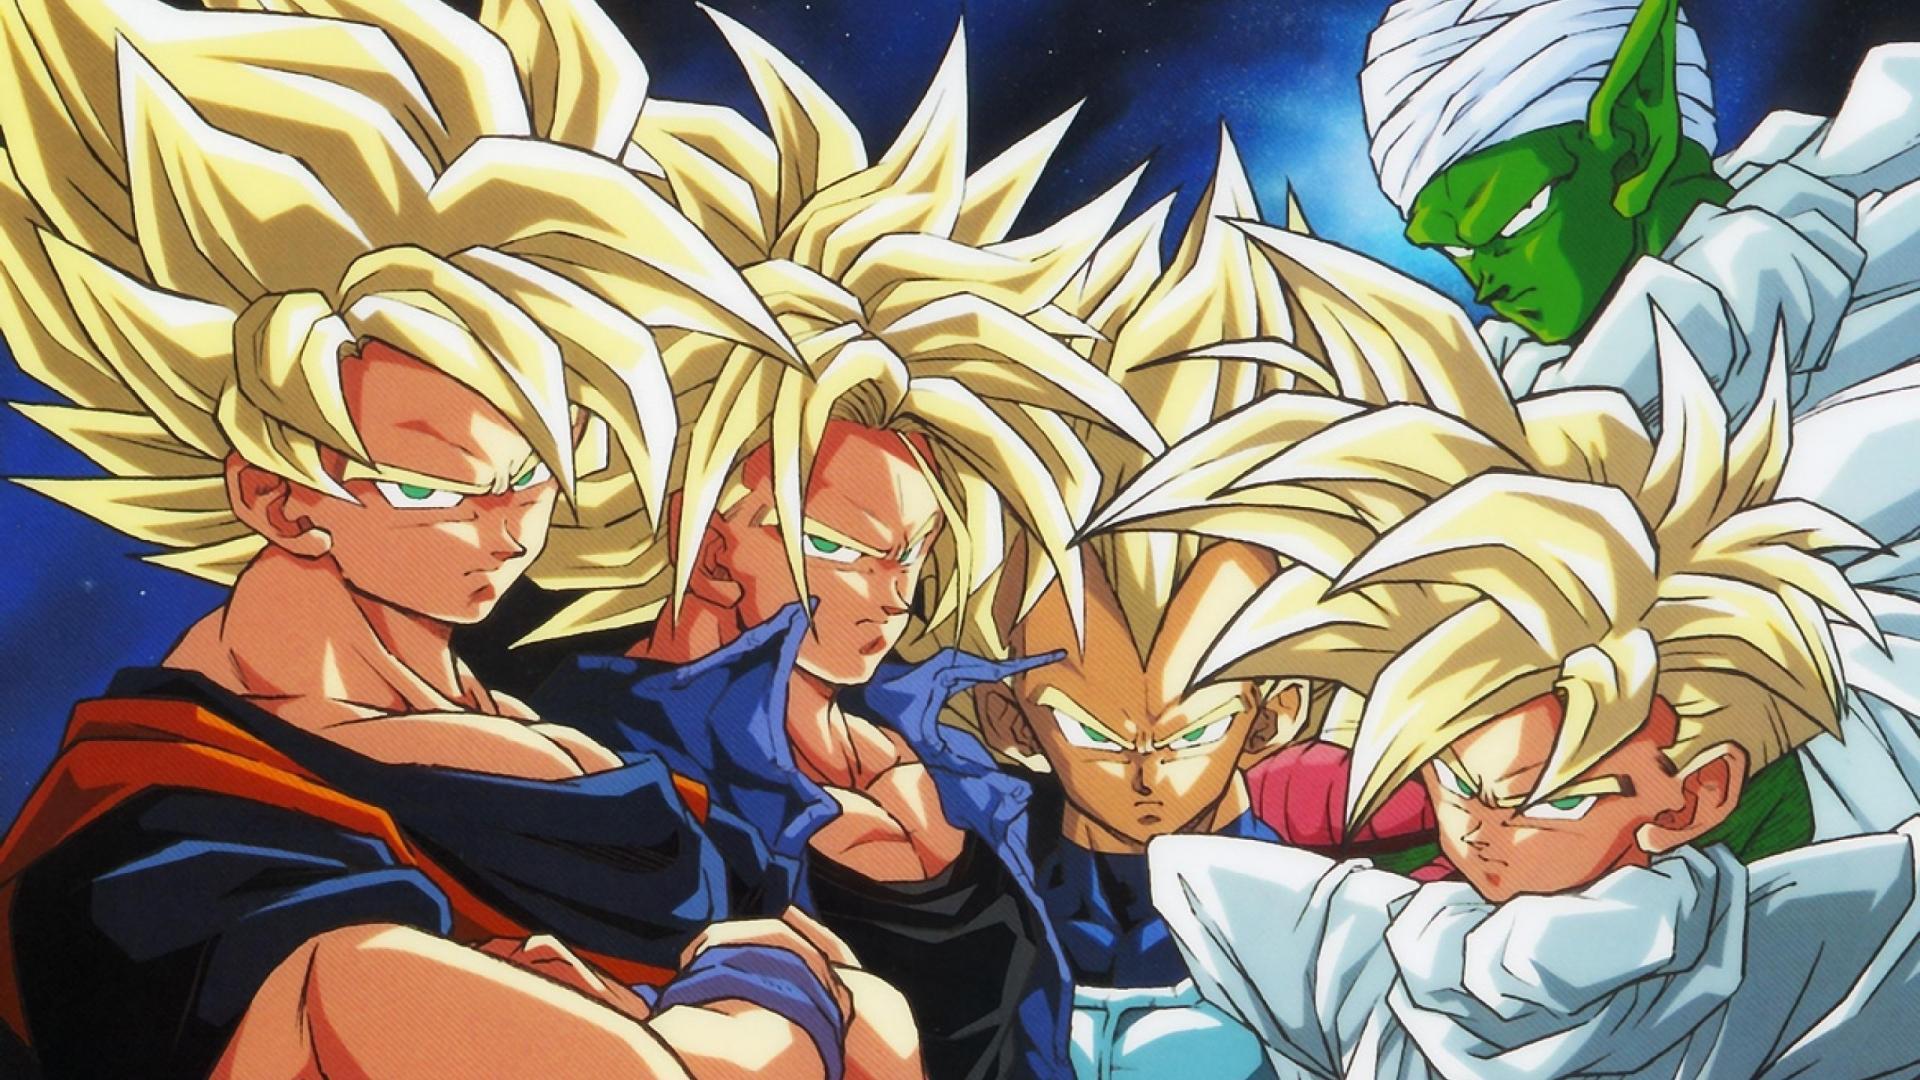 Goku Vegeta Wallpapers Wallpaper Cave